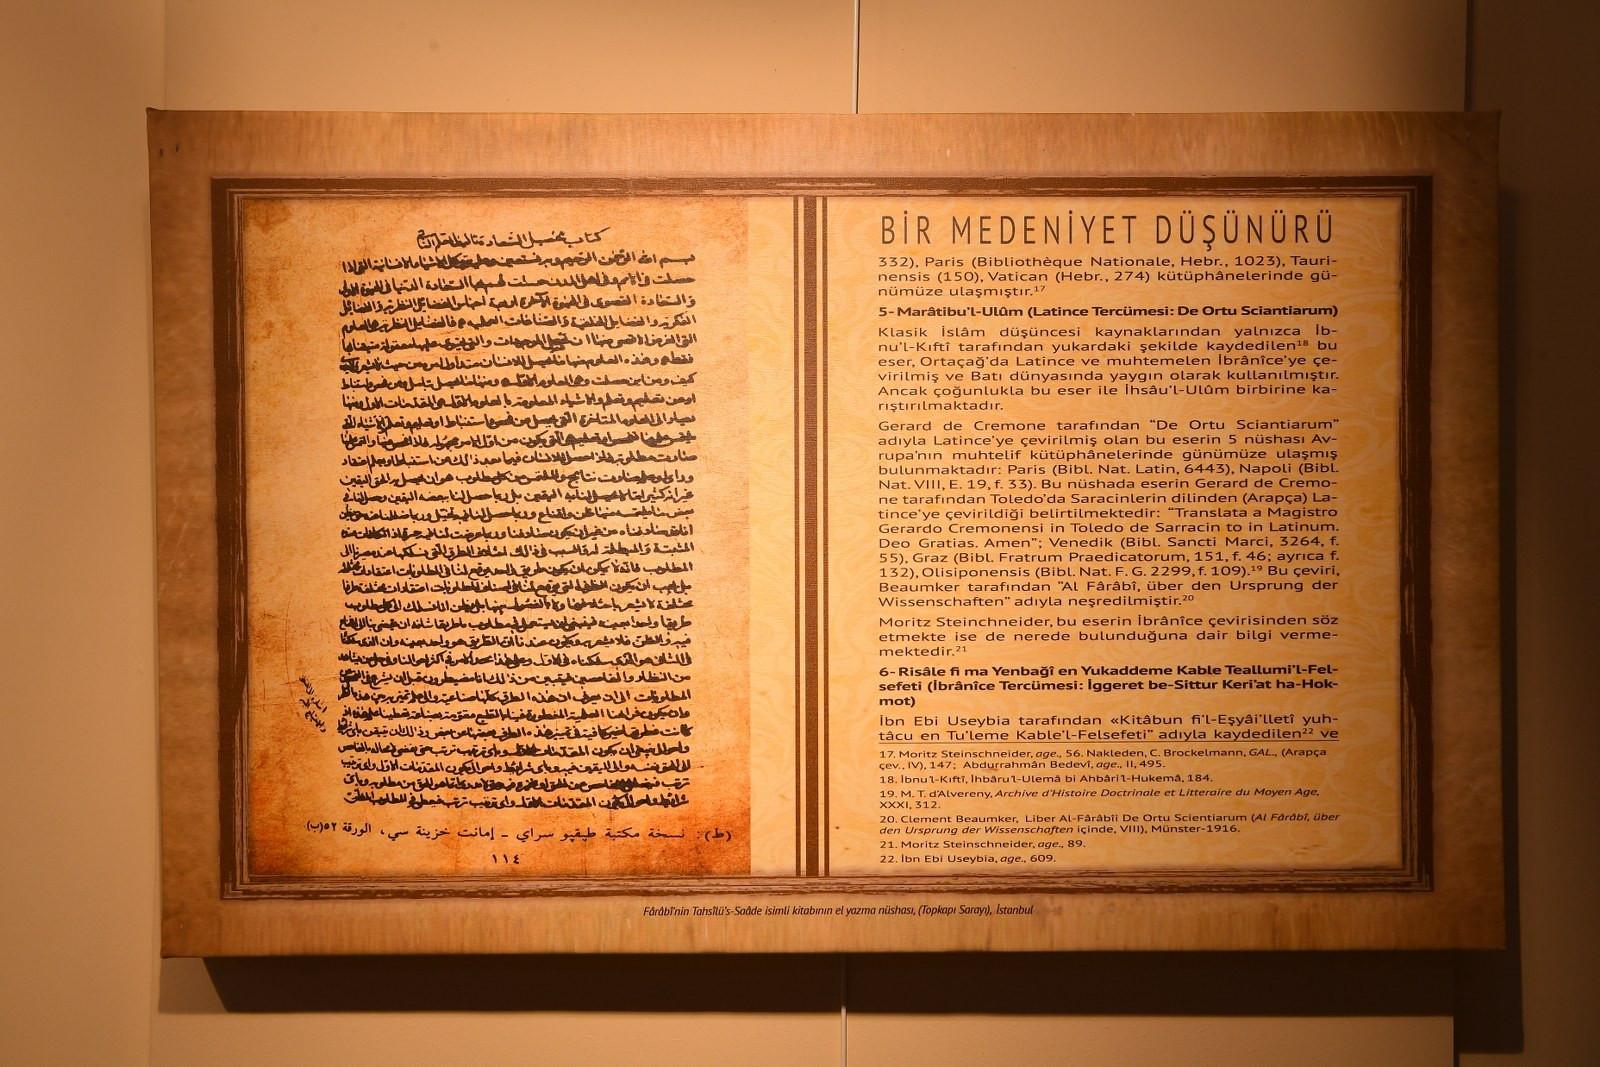 Ebu Nasr El Farabi Evi açıldı Galeri - 30. Resim